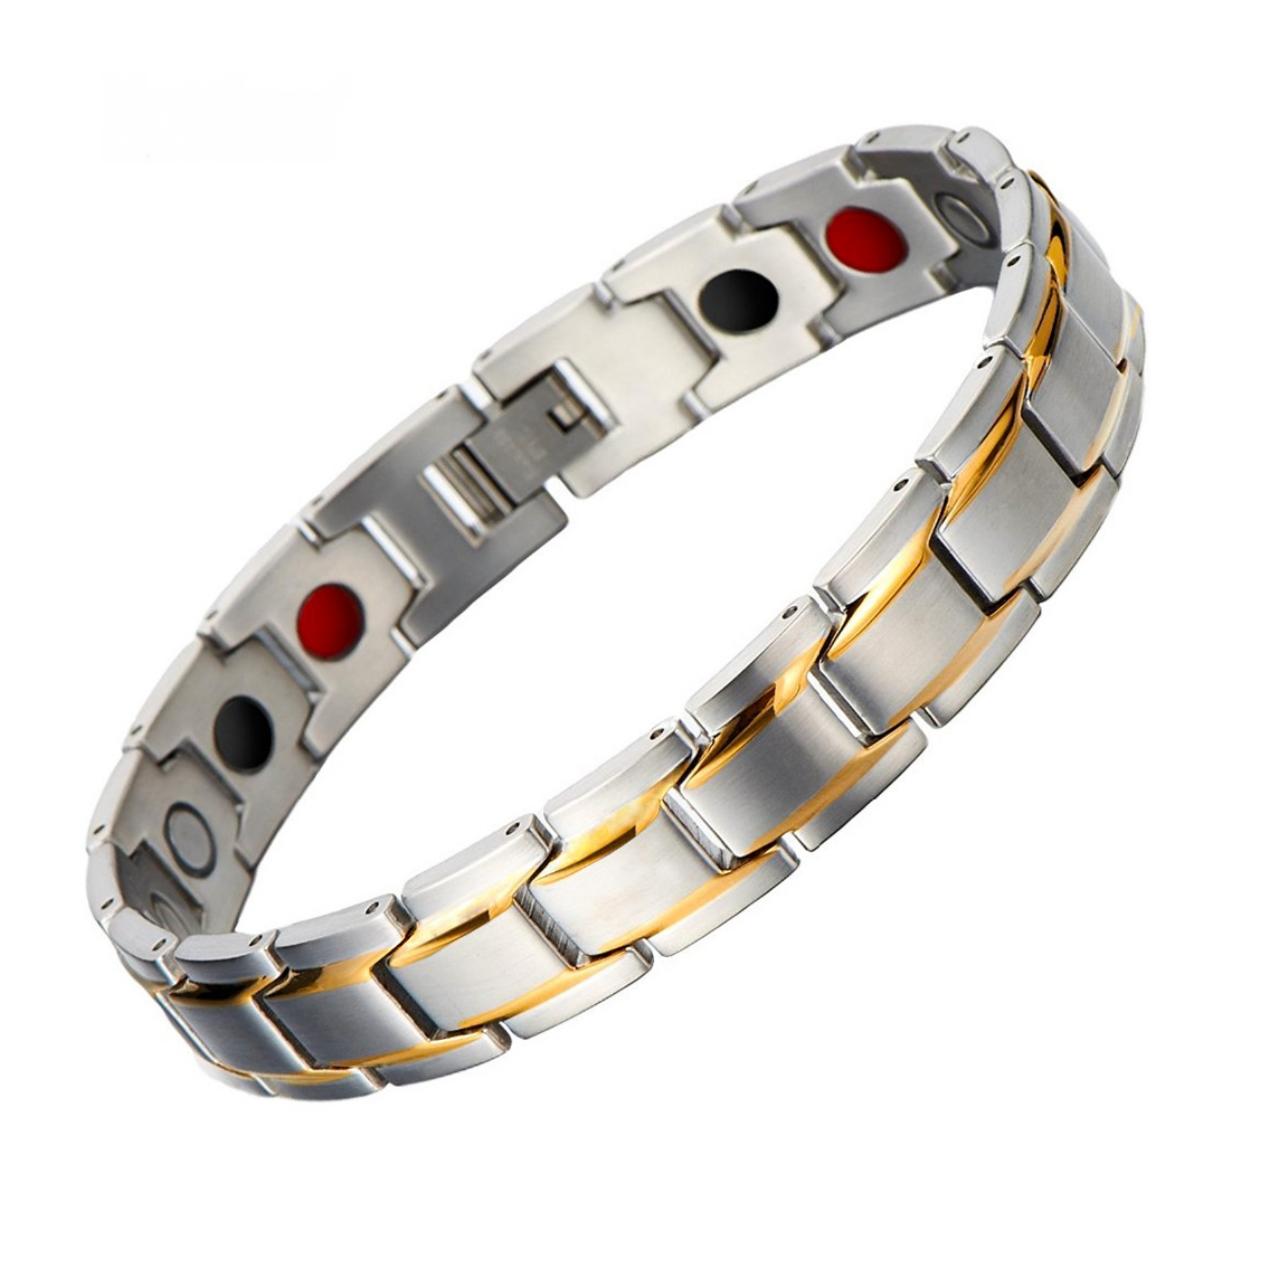 قیمت دستبند مغناطیسی سلامت داتیس مدل 102 نقره ای طلا یی 2500 گوس اسپرت